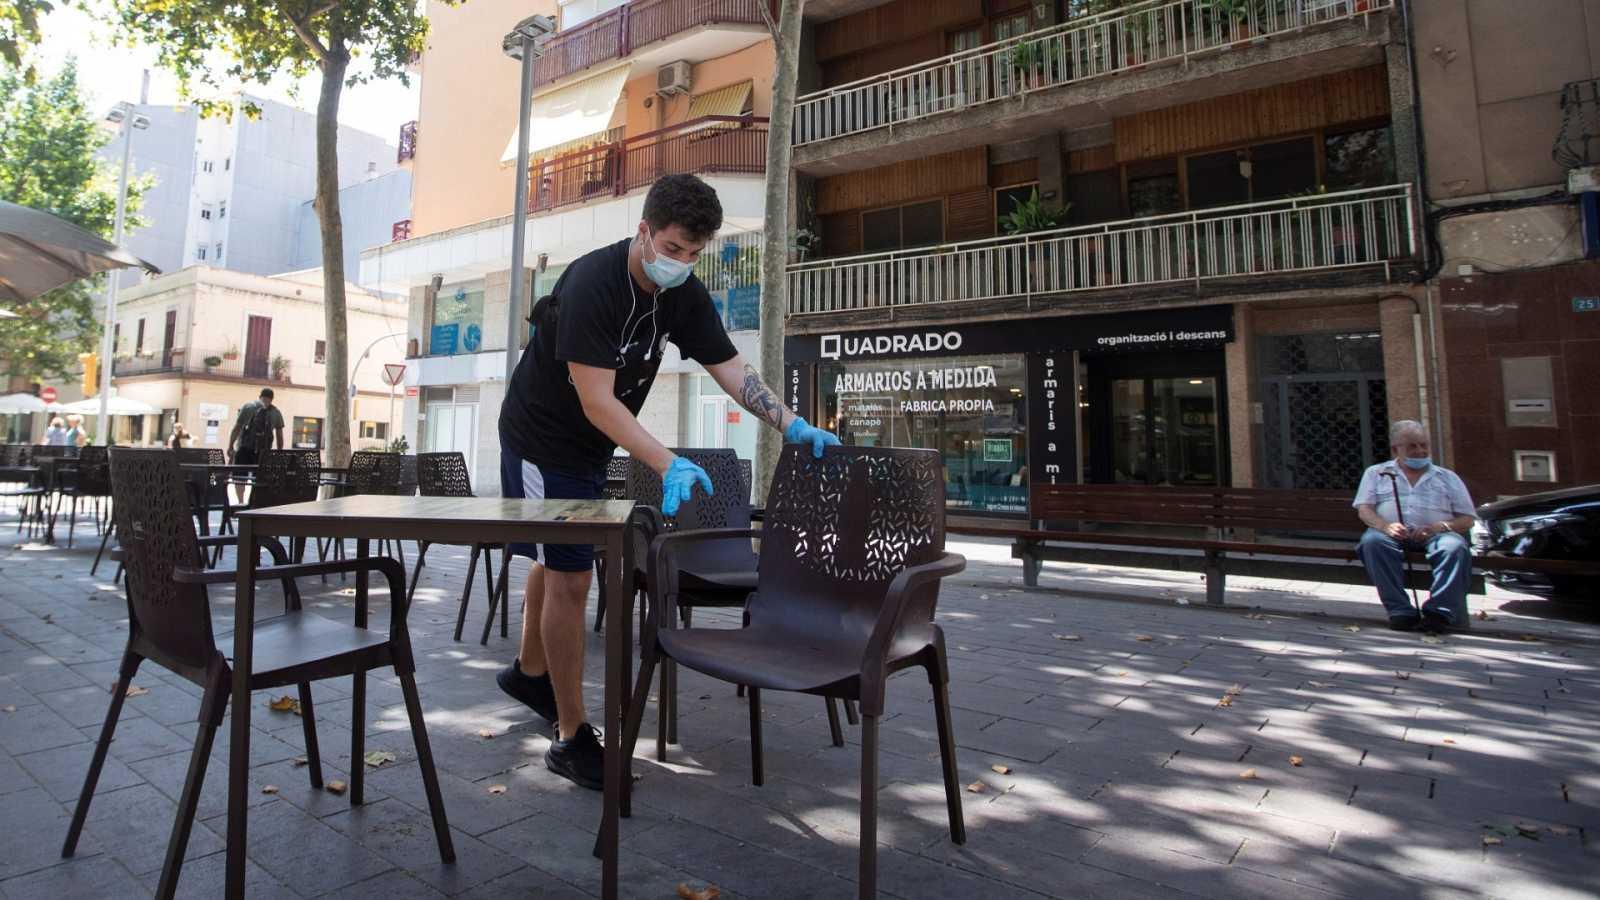 El Govern baraja el cierre de bares y restaurantes hasta final de mes para frenar la expansión del coronavirus